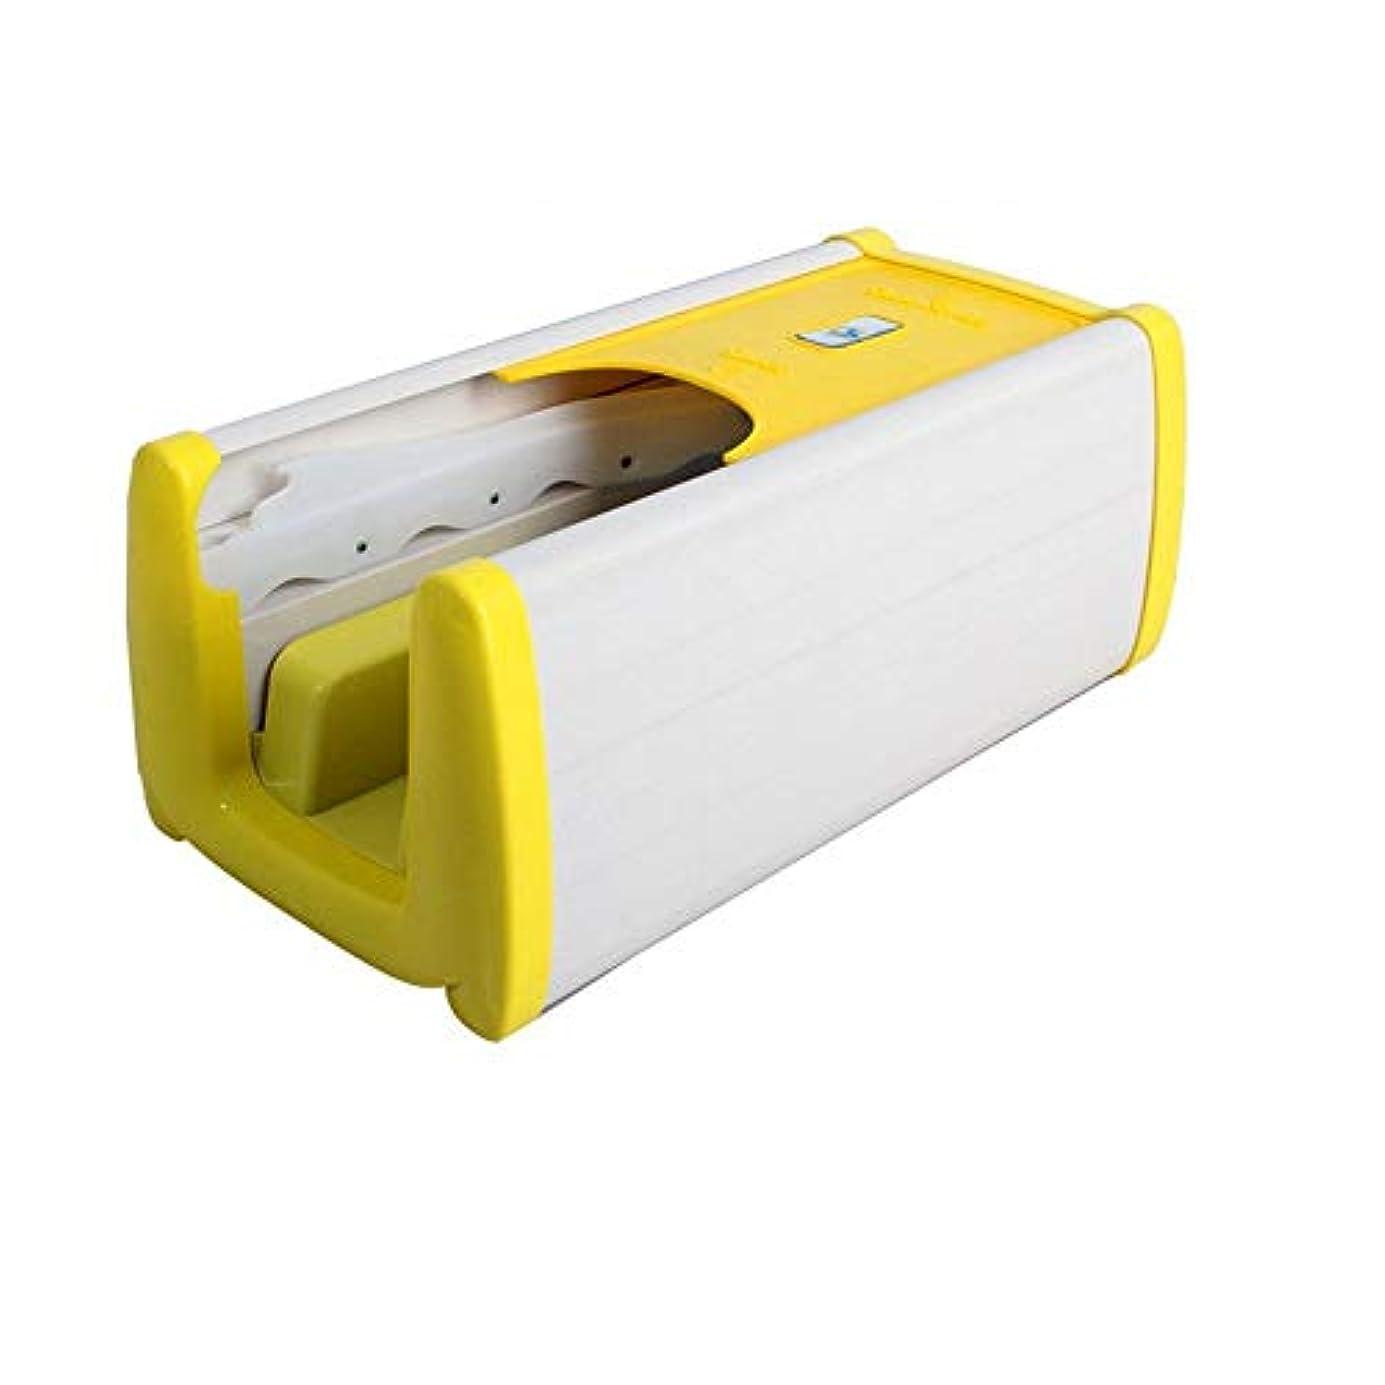 ぼんやりしたアイデア誤解家庭用靴カバーマシン連続自動靴カバーマシンドラッグ型オーバーシューズマシンホームオフィス自己使用の小さな環境保護 (Color : Yellow)